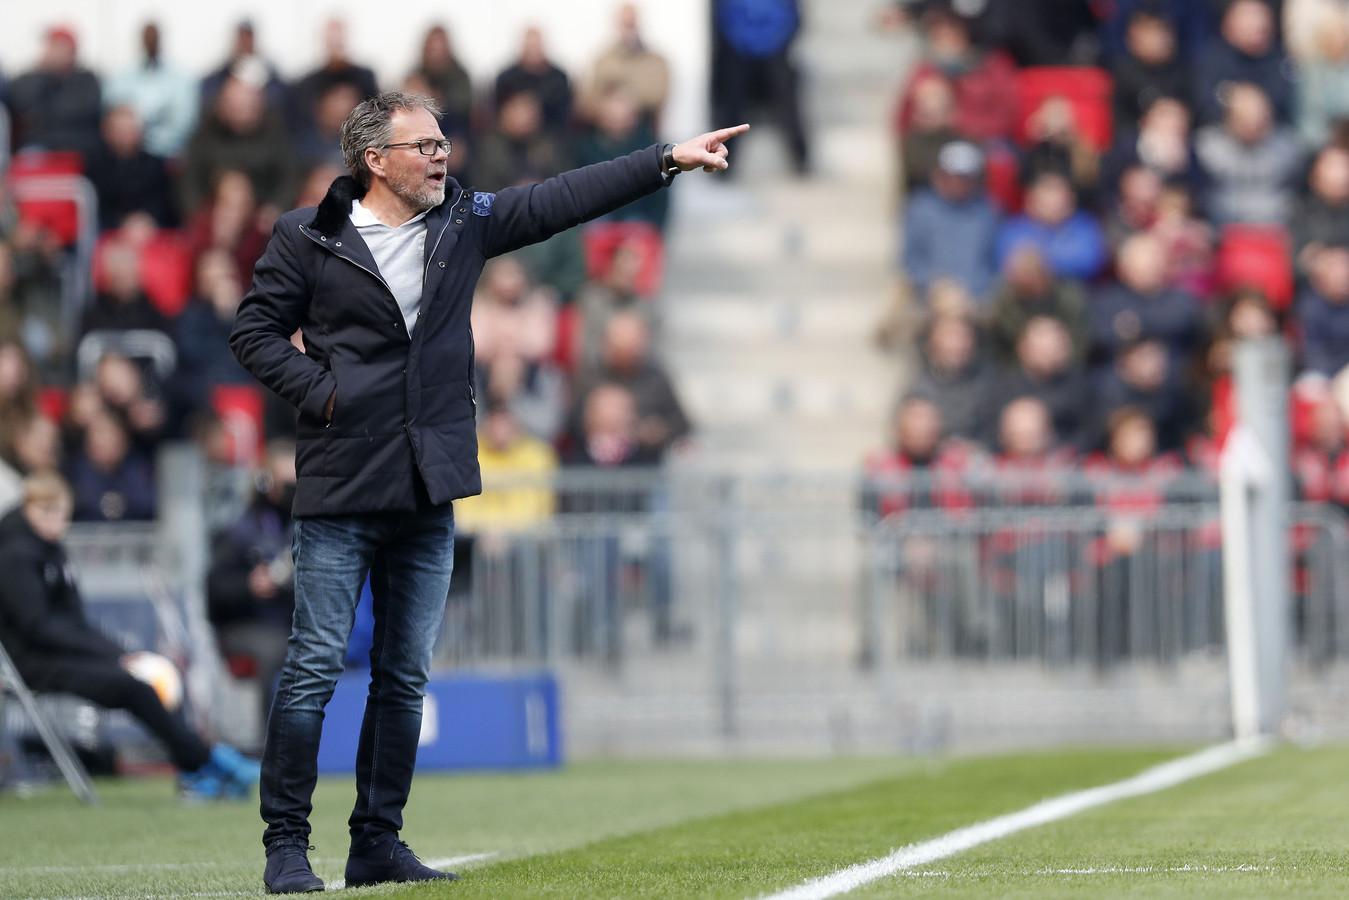 2019-04-14 13:30:11 De Graafschap coach Henk de Jong during the Dutch Eredivisie match between PSV Eindhoven and De Graafschap Doetinchem at the Phillips stadium on April 14, 2019 in Eindhoven, The Netherlands ANP/VI IMAGES